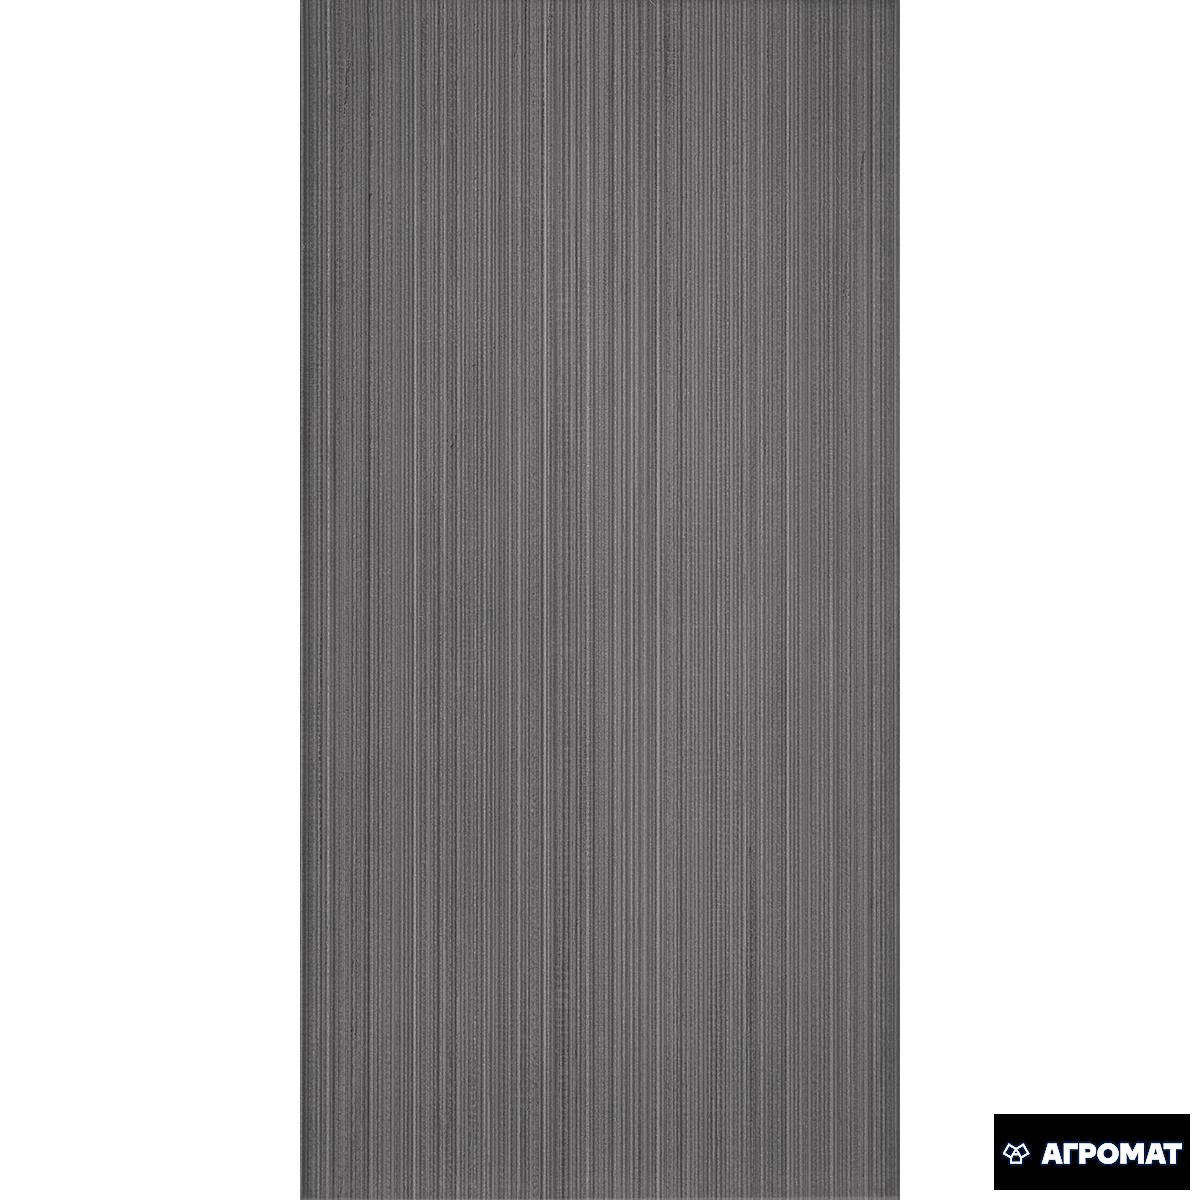 Плитка Imola Crepedechine CRDC 36DG арт.(364741)